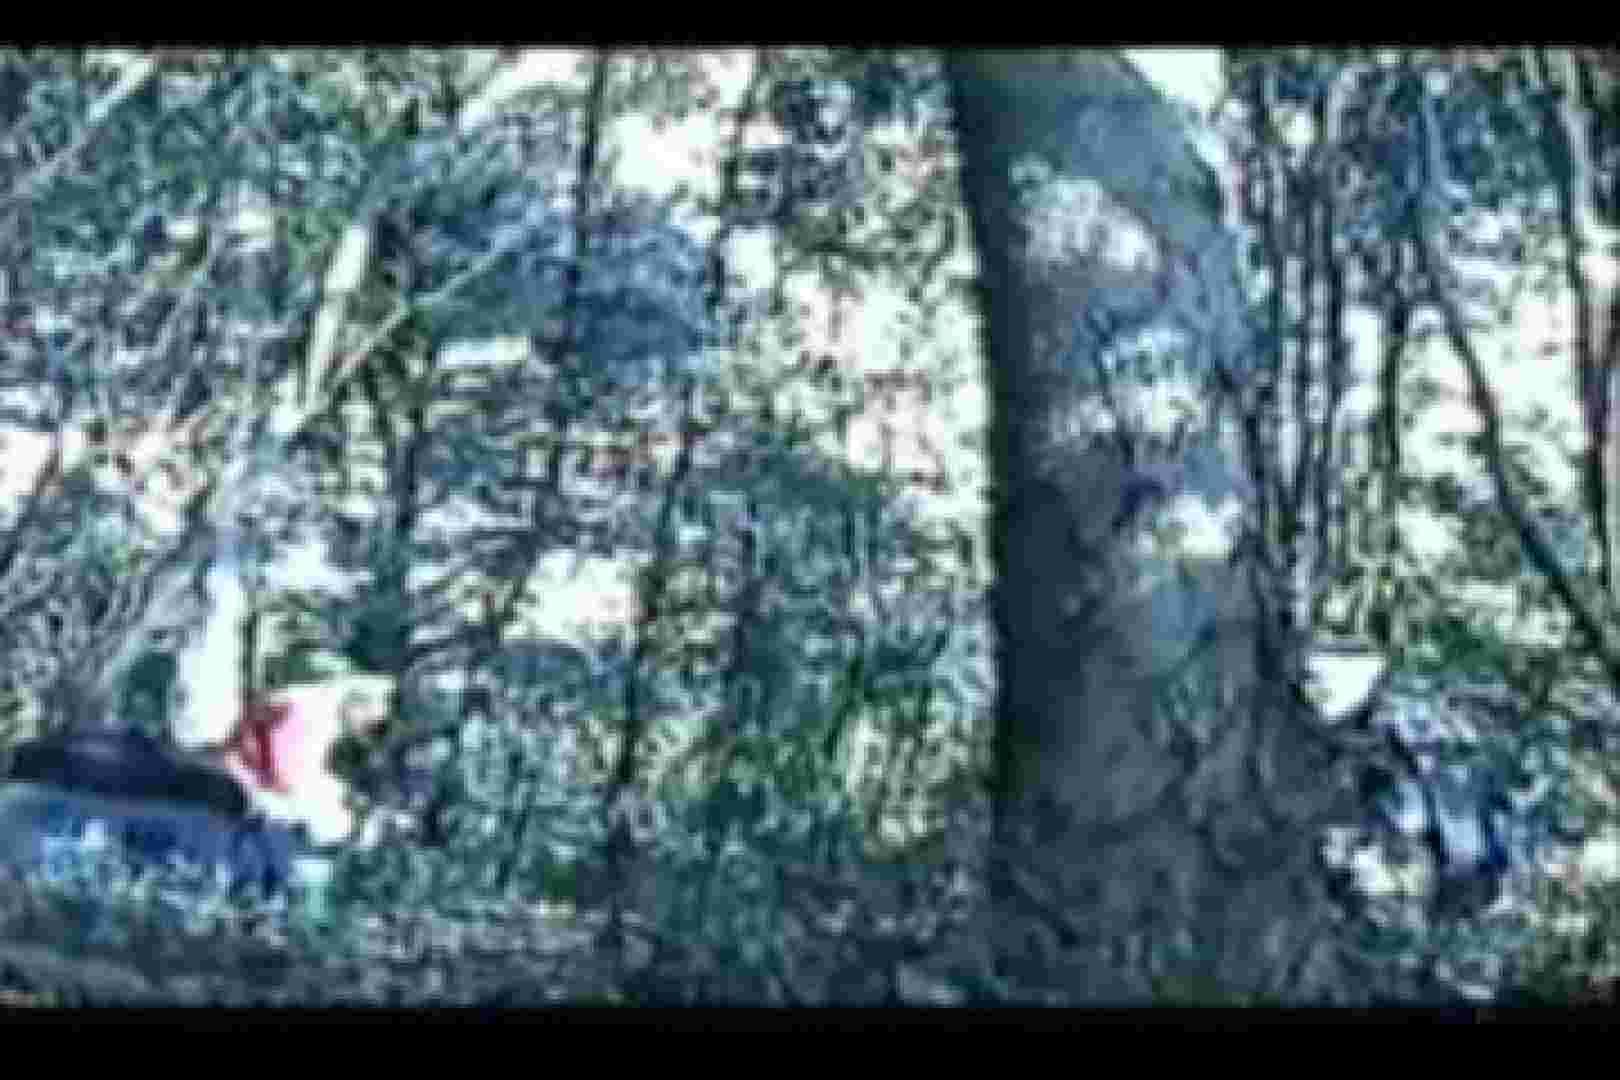 オールドゲイシリーズ  美少年ひかるのオープンファック アナル舐め ゲイ肛門画像 83枚 43